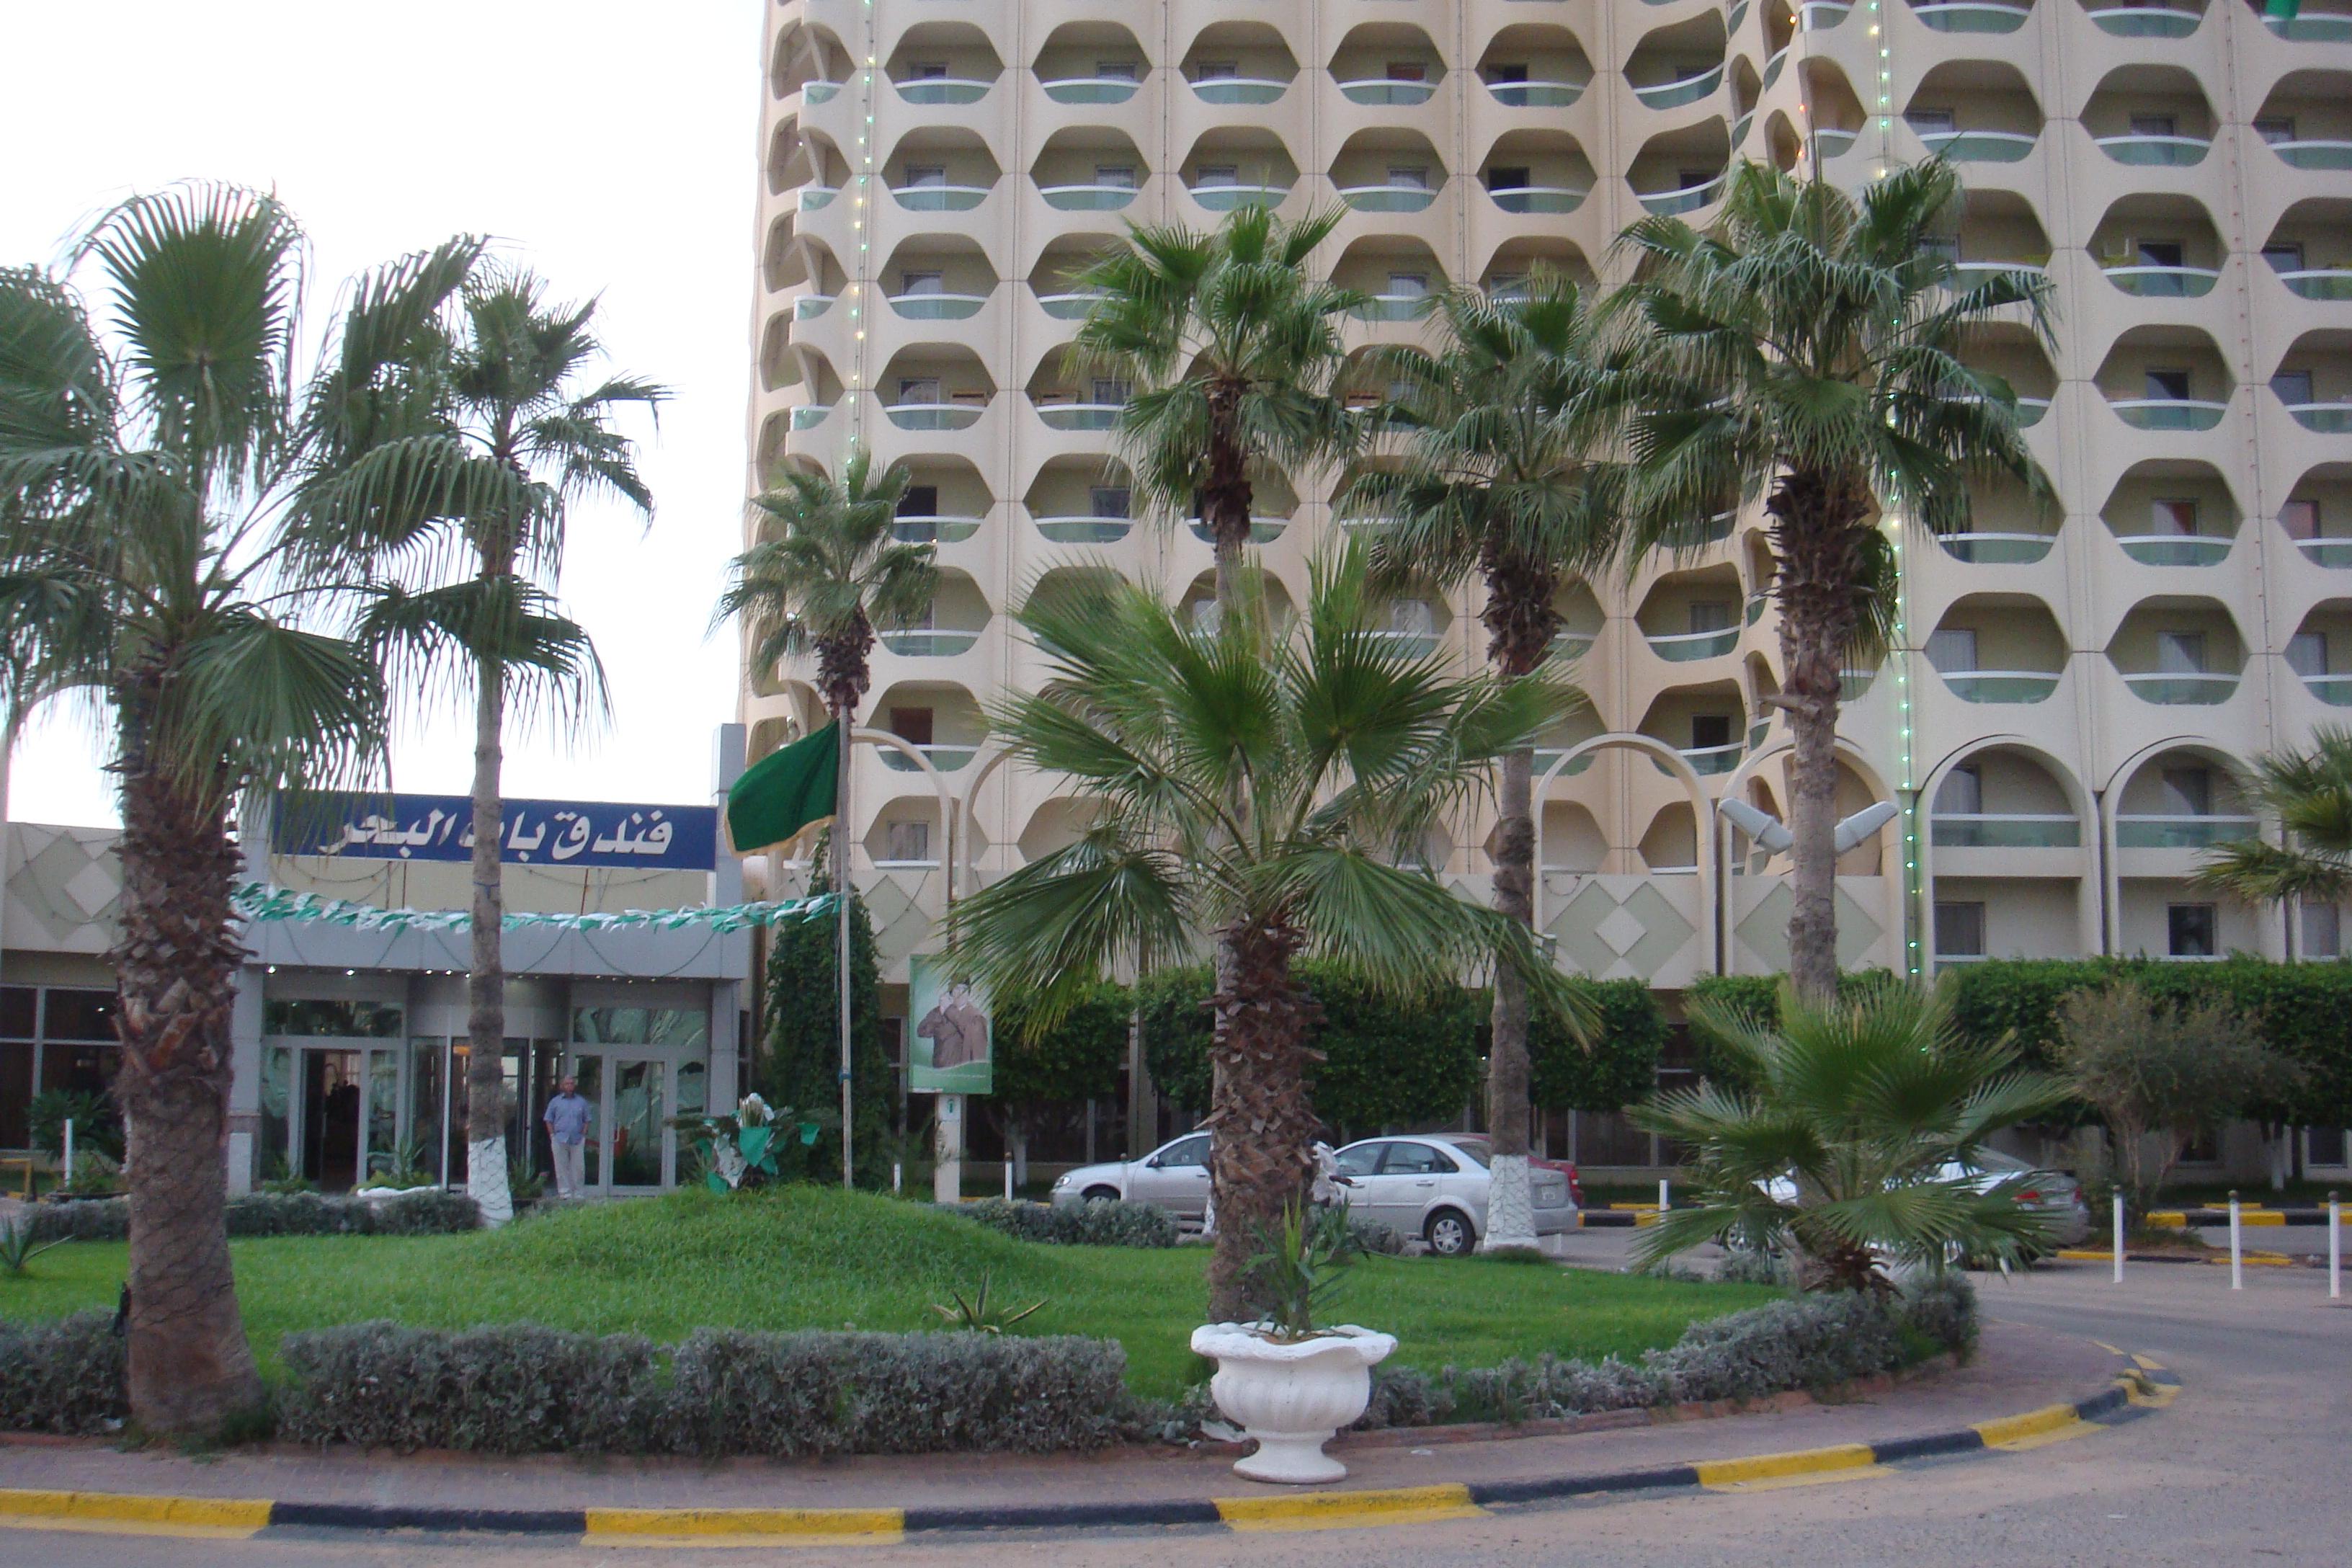 Bab Al Bahr Hotel